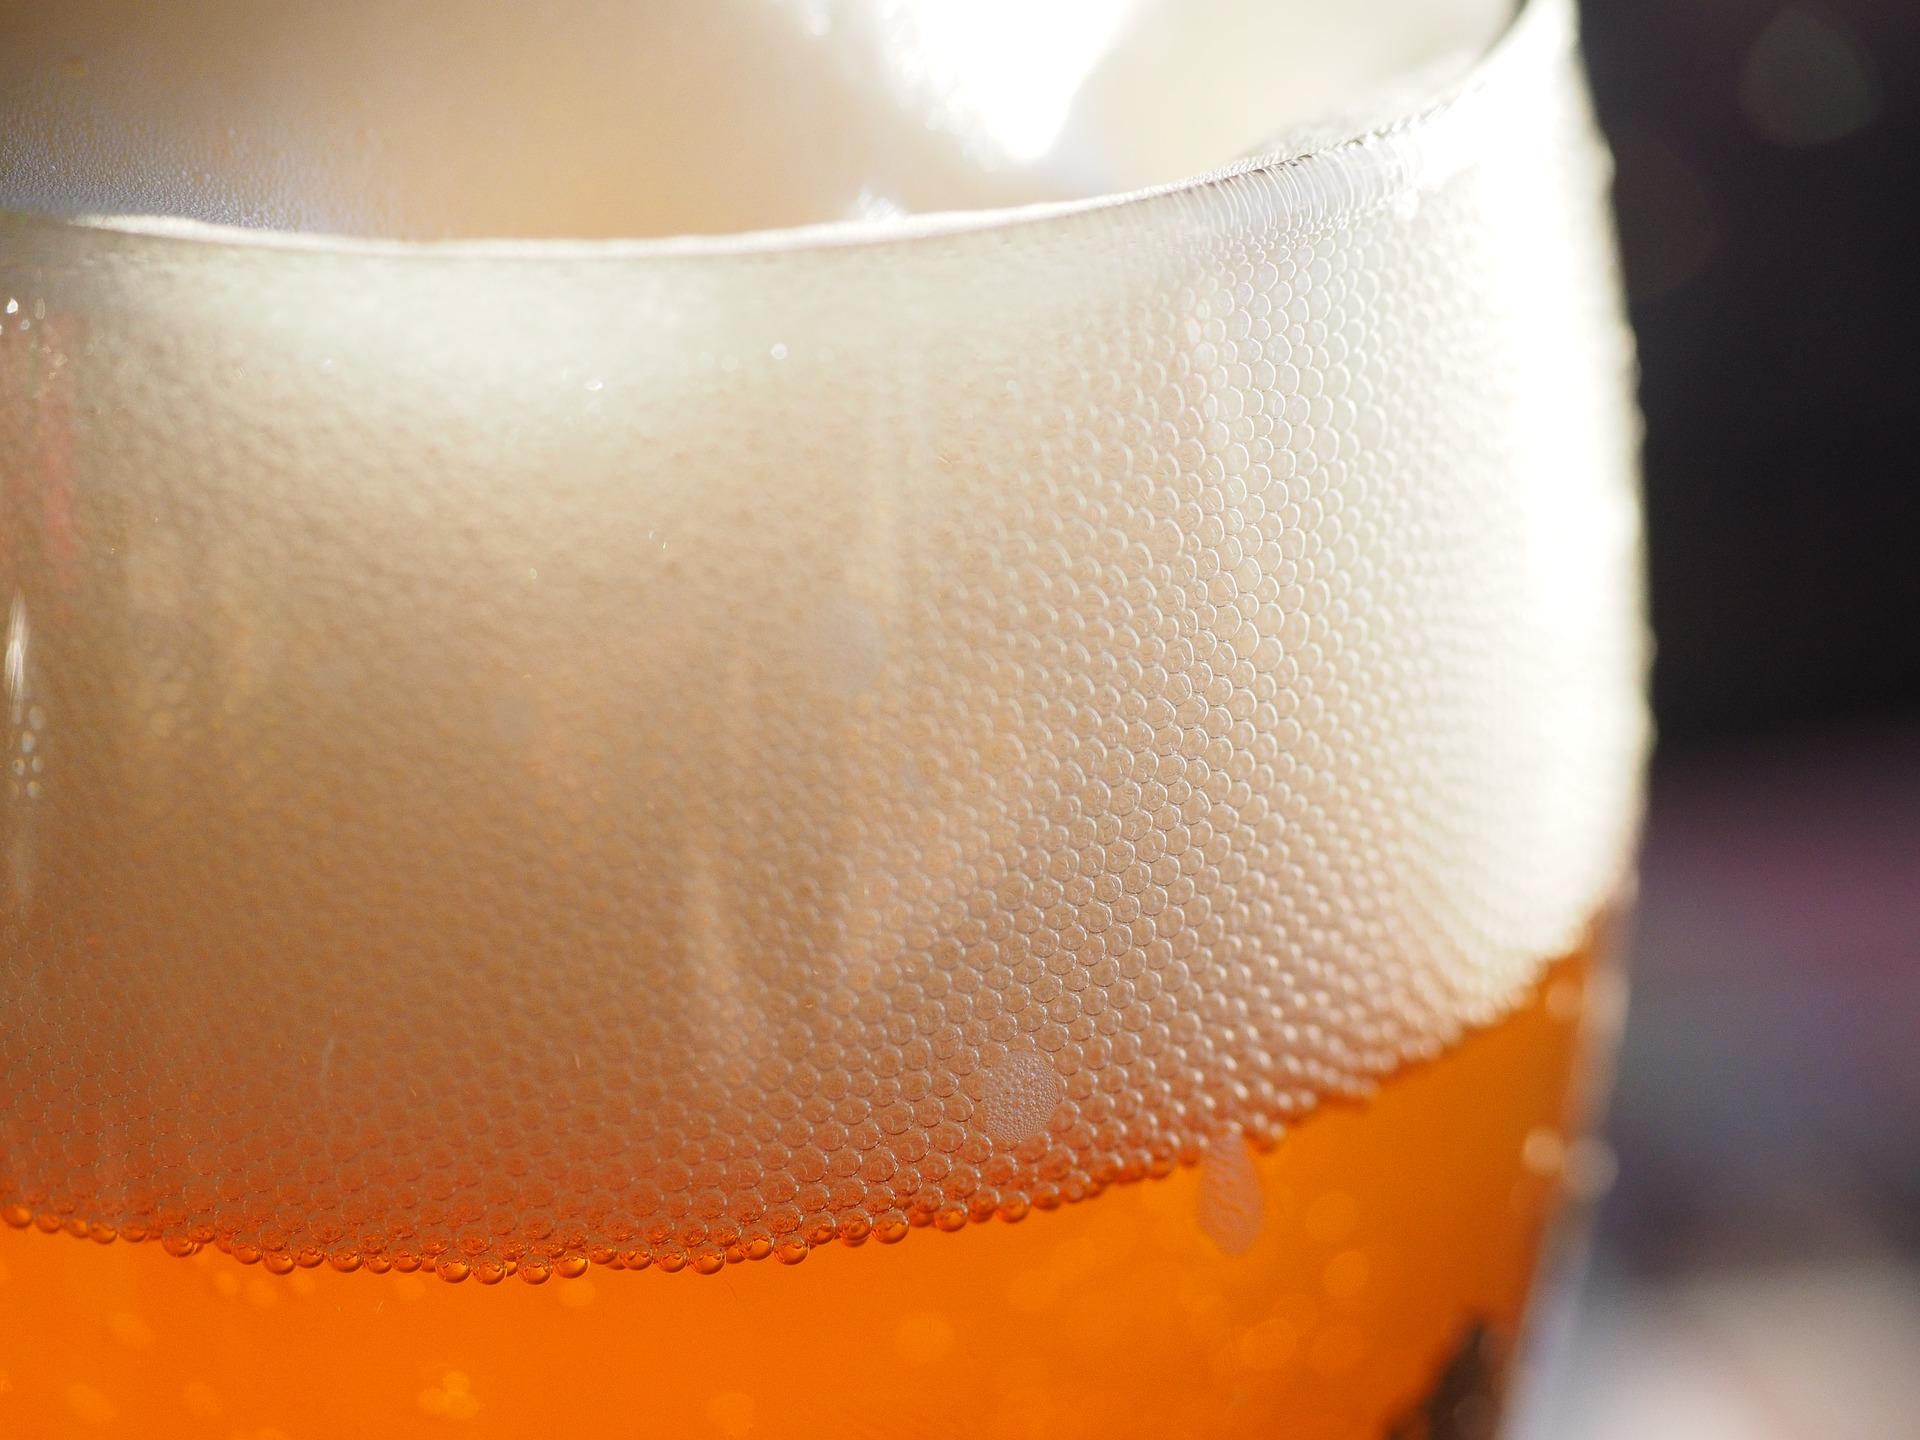 Est-ce que la bière sans alcool est vraiment sans alcool ?